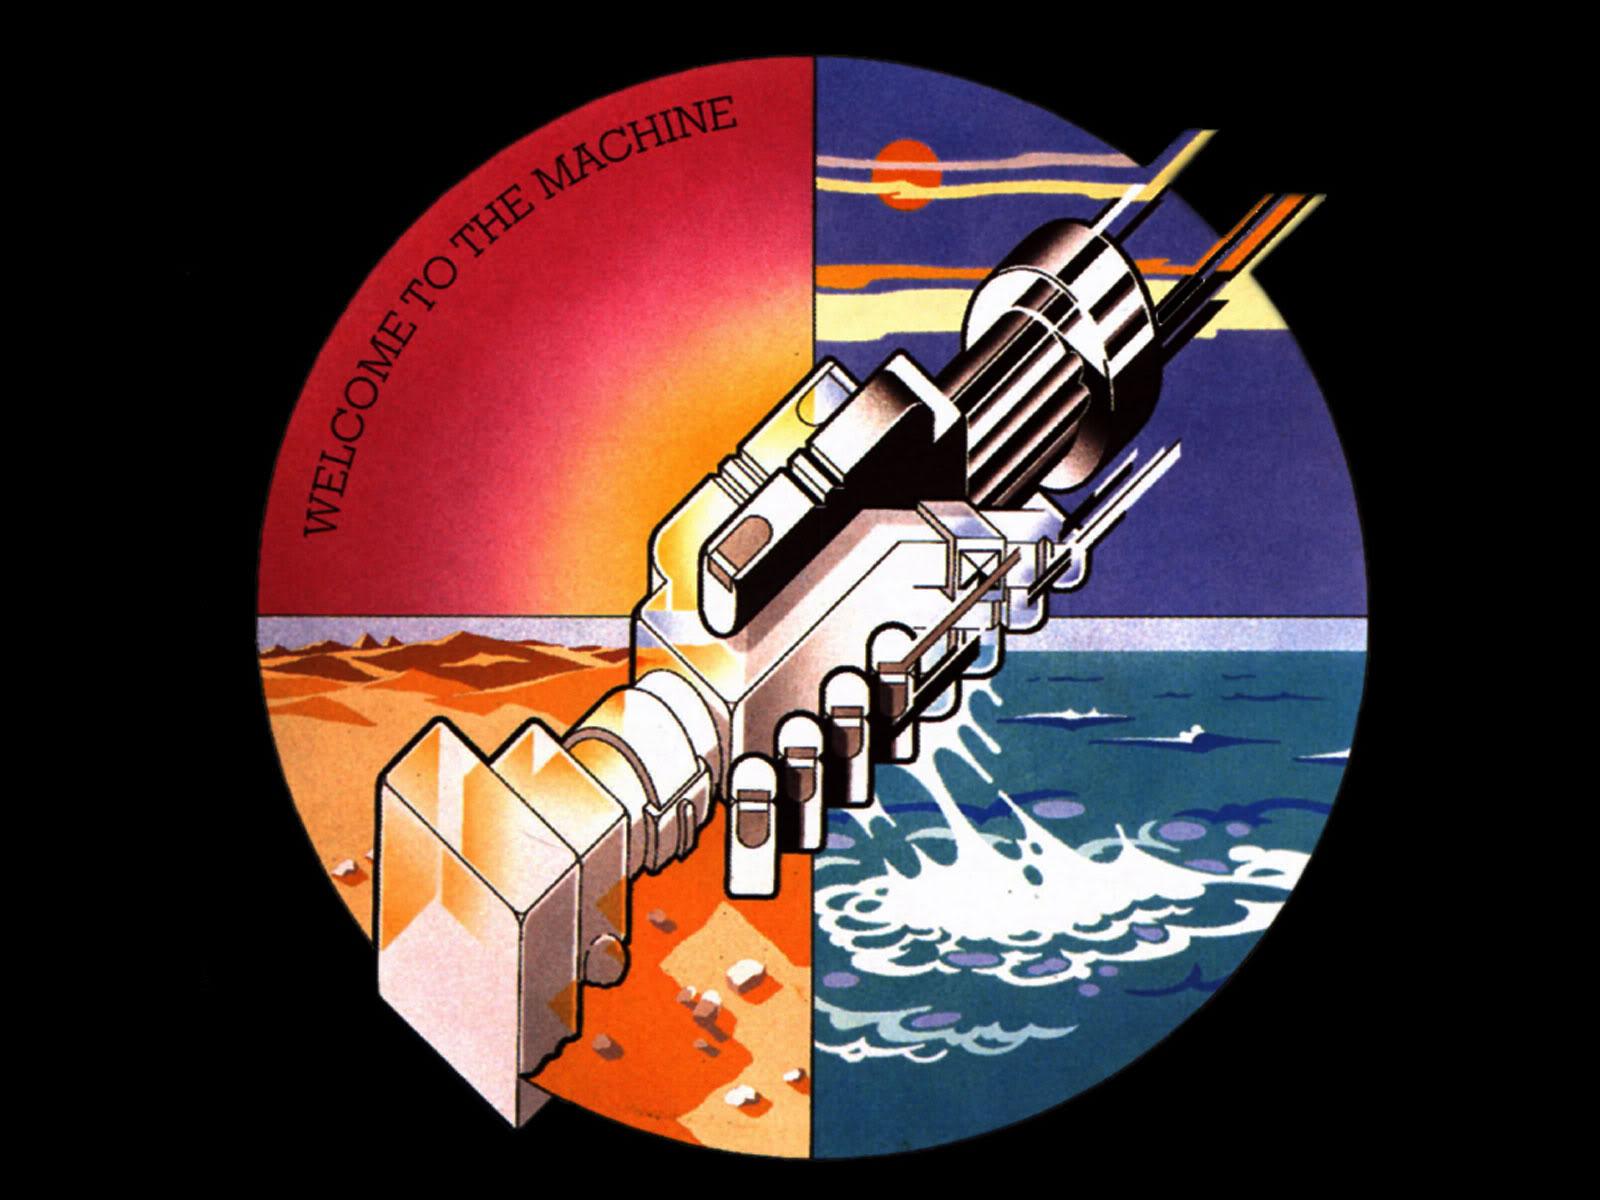 Welcome to the machine: l'alienazione e l'uomo massa nei Pink Floyd e nel primo '900